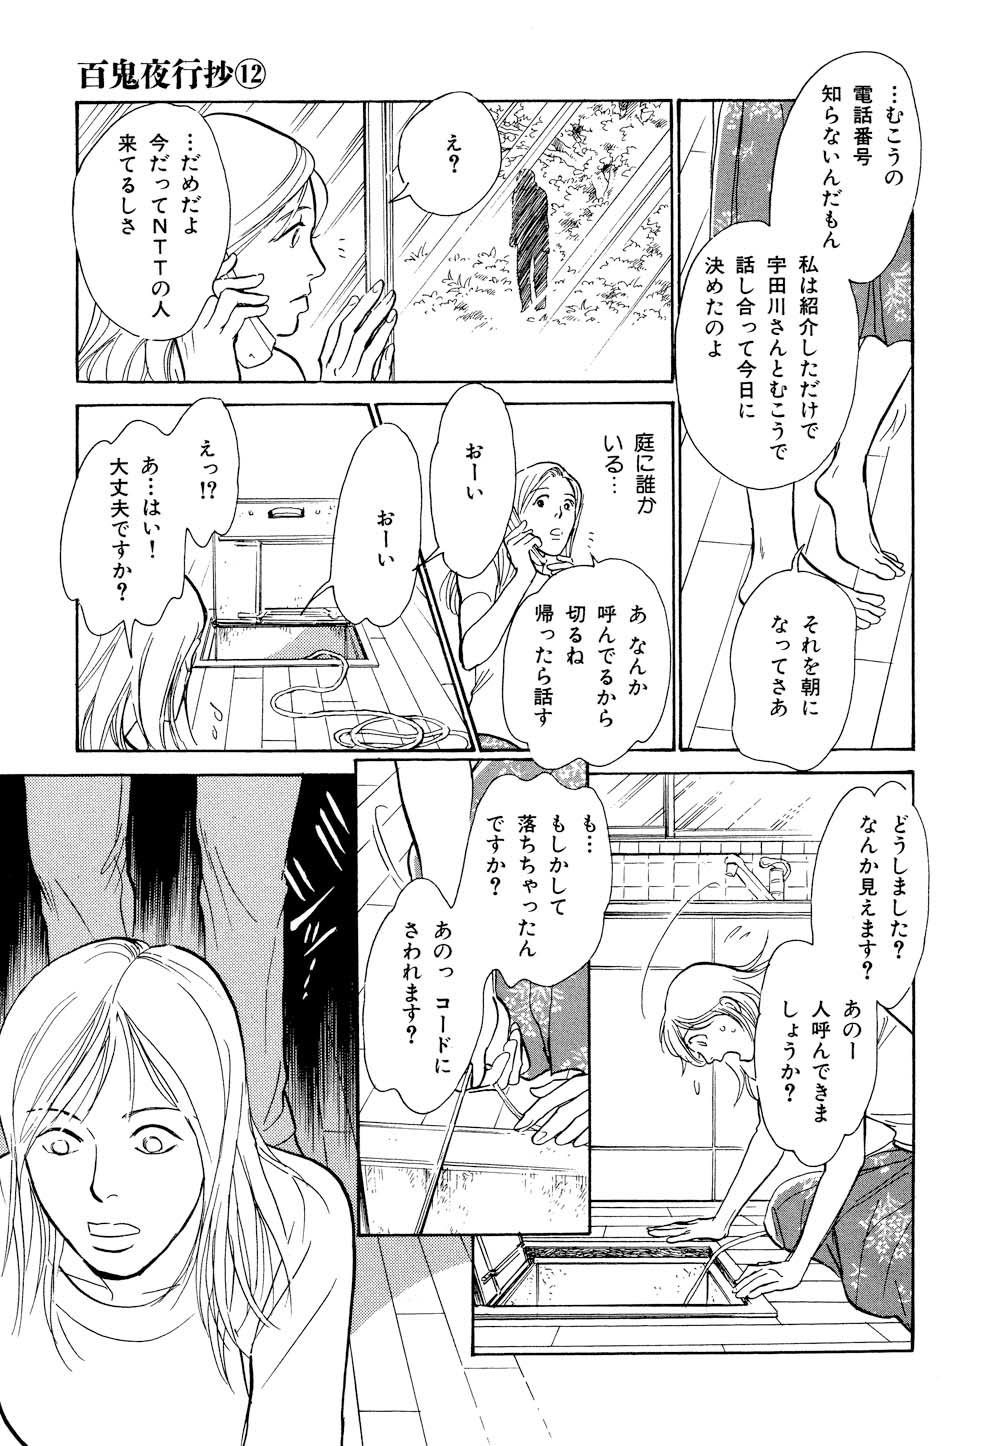 百鬼夜行抄_12_0163.jpg